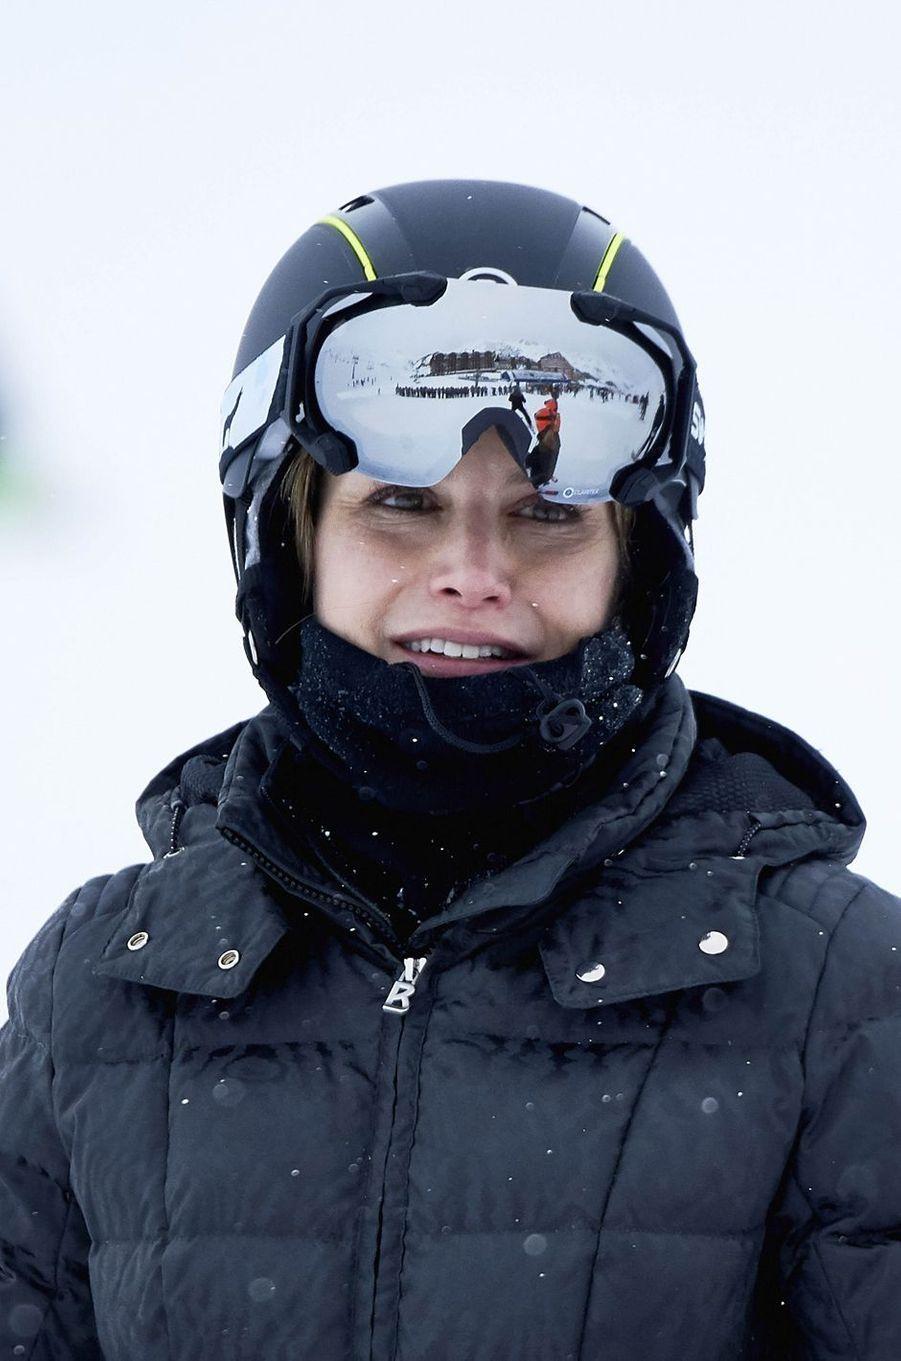 La reine Letizia d'Espagne à Astun dans les Pyrénées espagnoles, le 5 février 2017